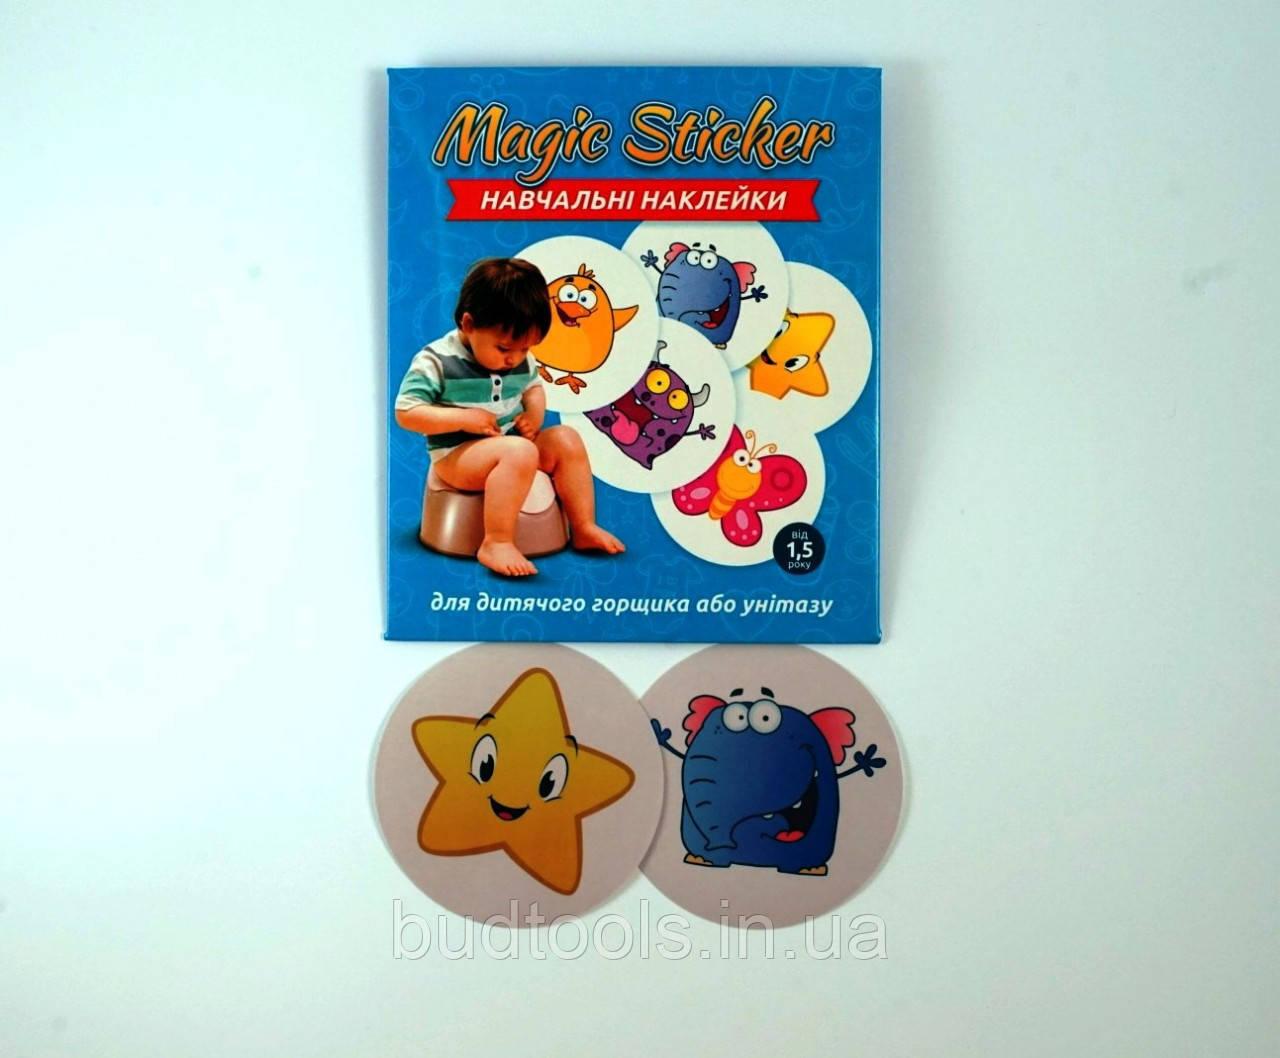 Термонаклейка для привчання дітей пісяти в горщик Magic Sticker (2 наклейки) репродукції художніх робіт і фото в горщик